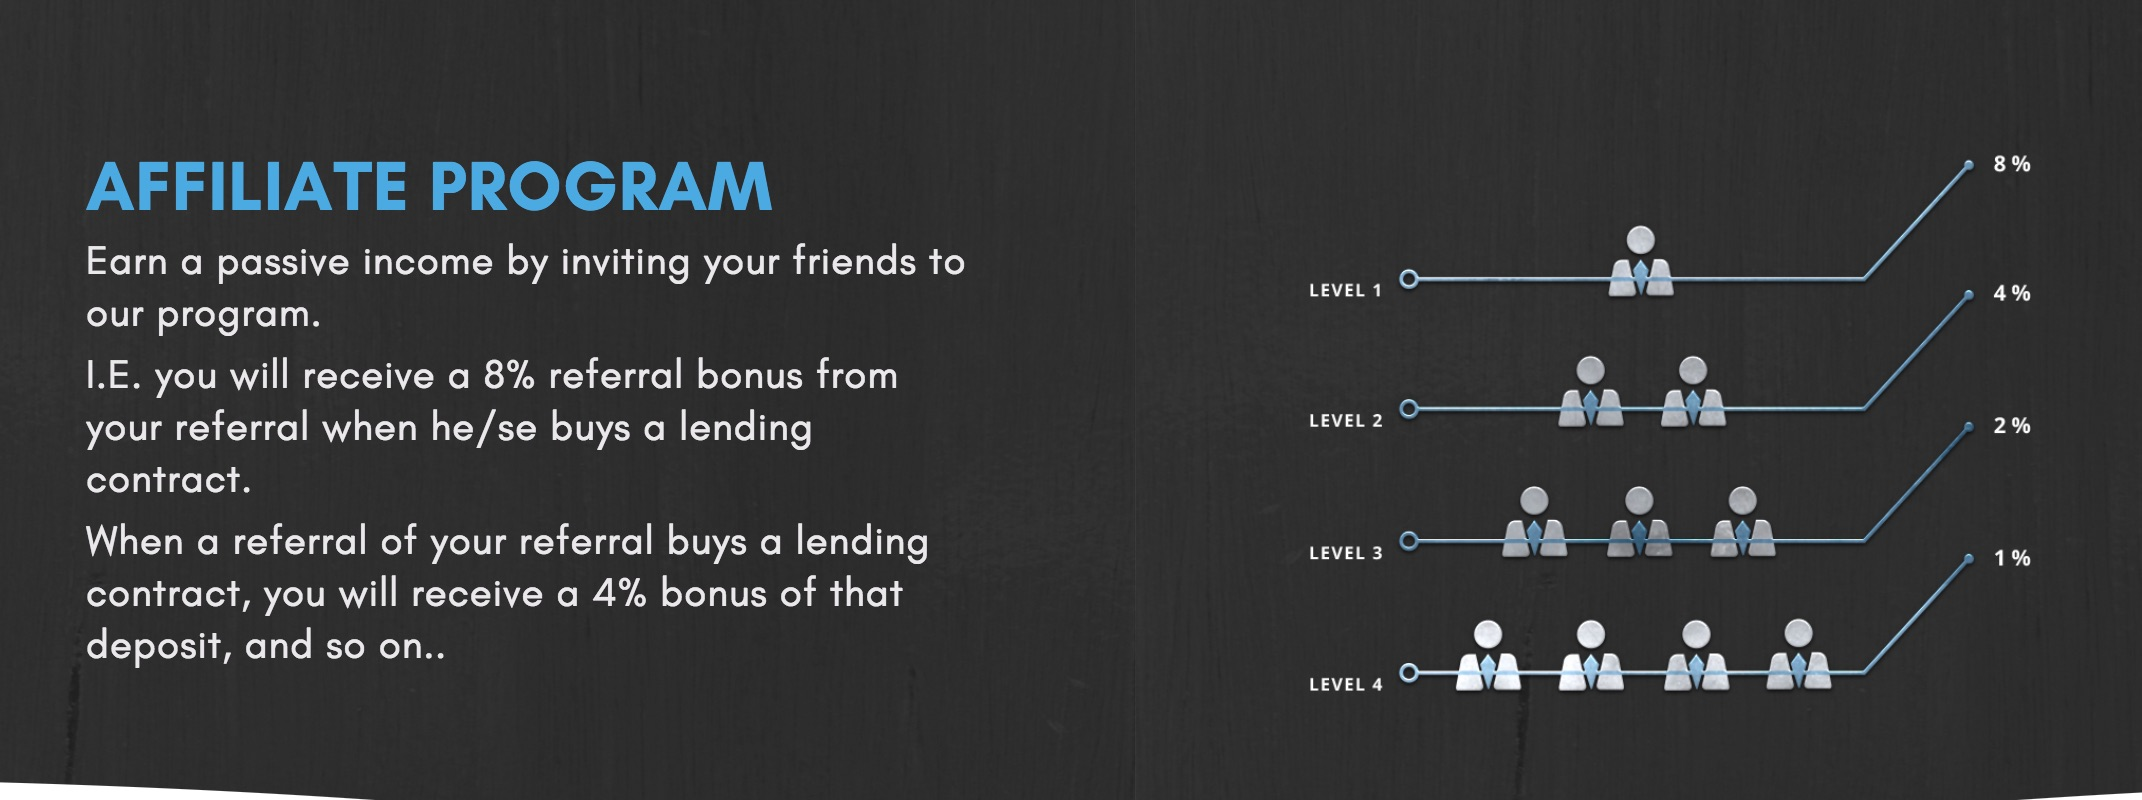 Lendconnect The new lending platform